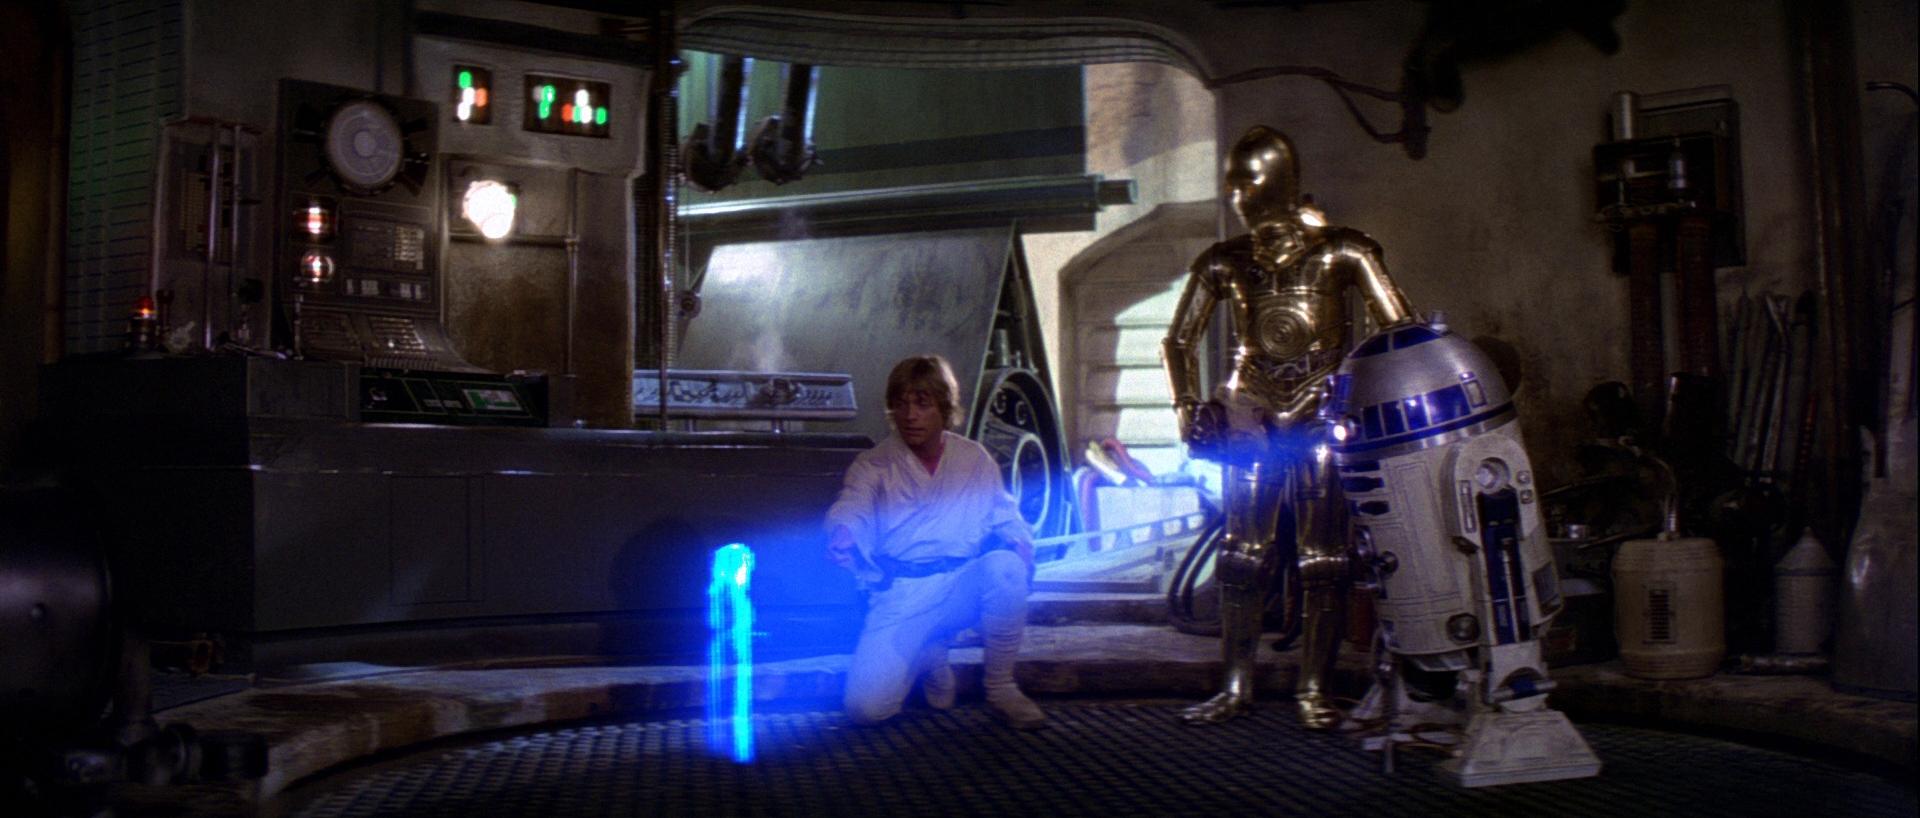 Star Wars Parody   Paw Warz   Trench Run Scene   Petody amazon the farts awakens